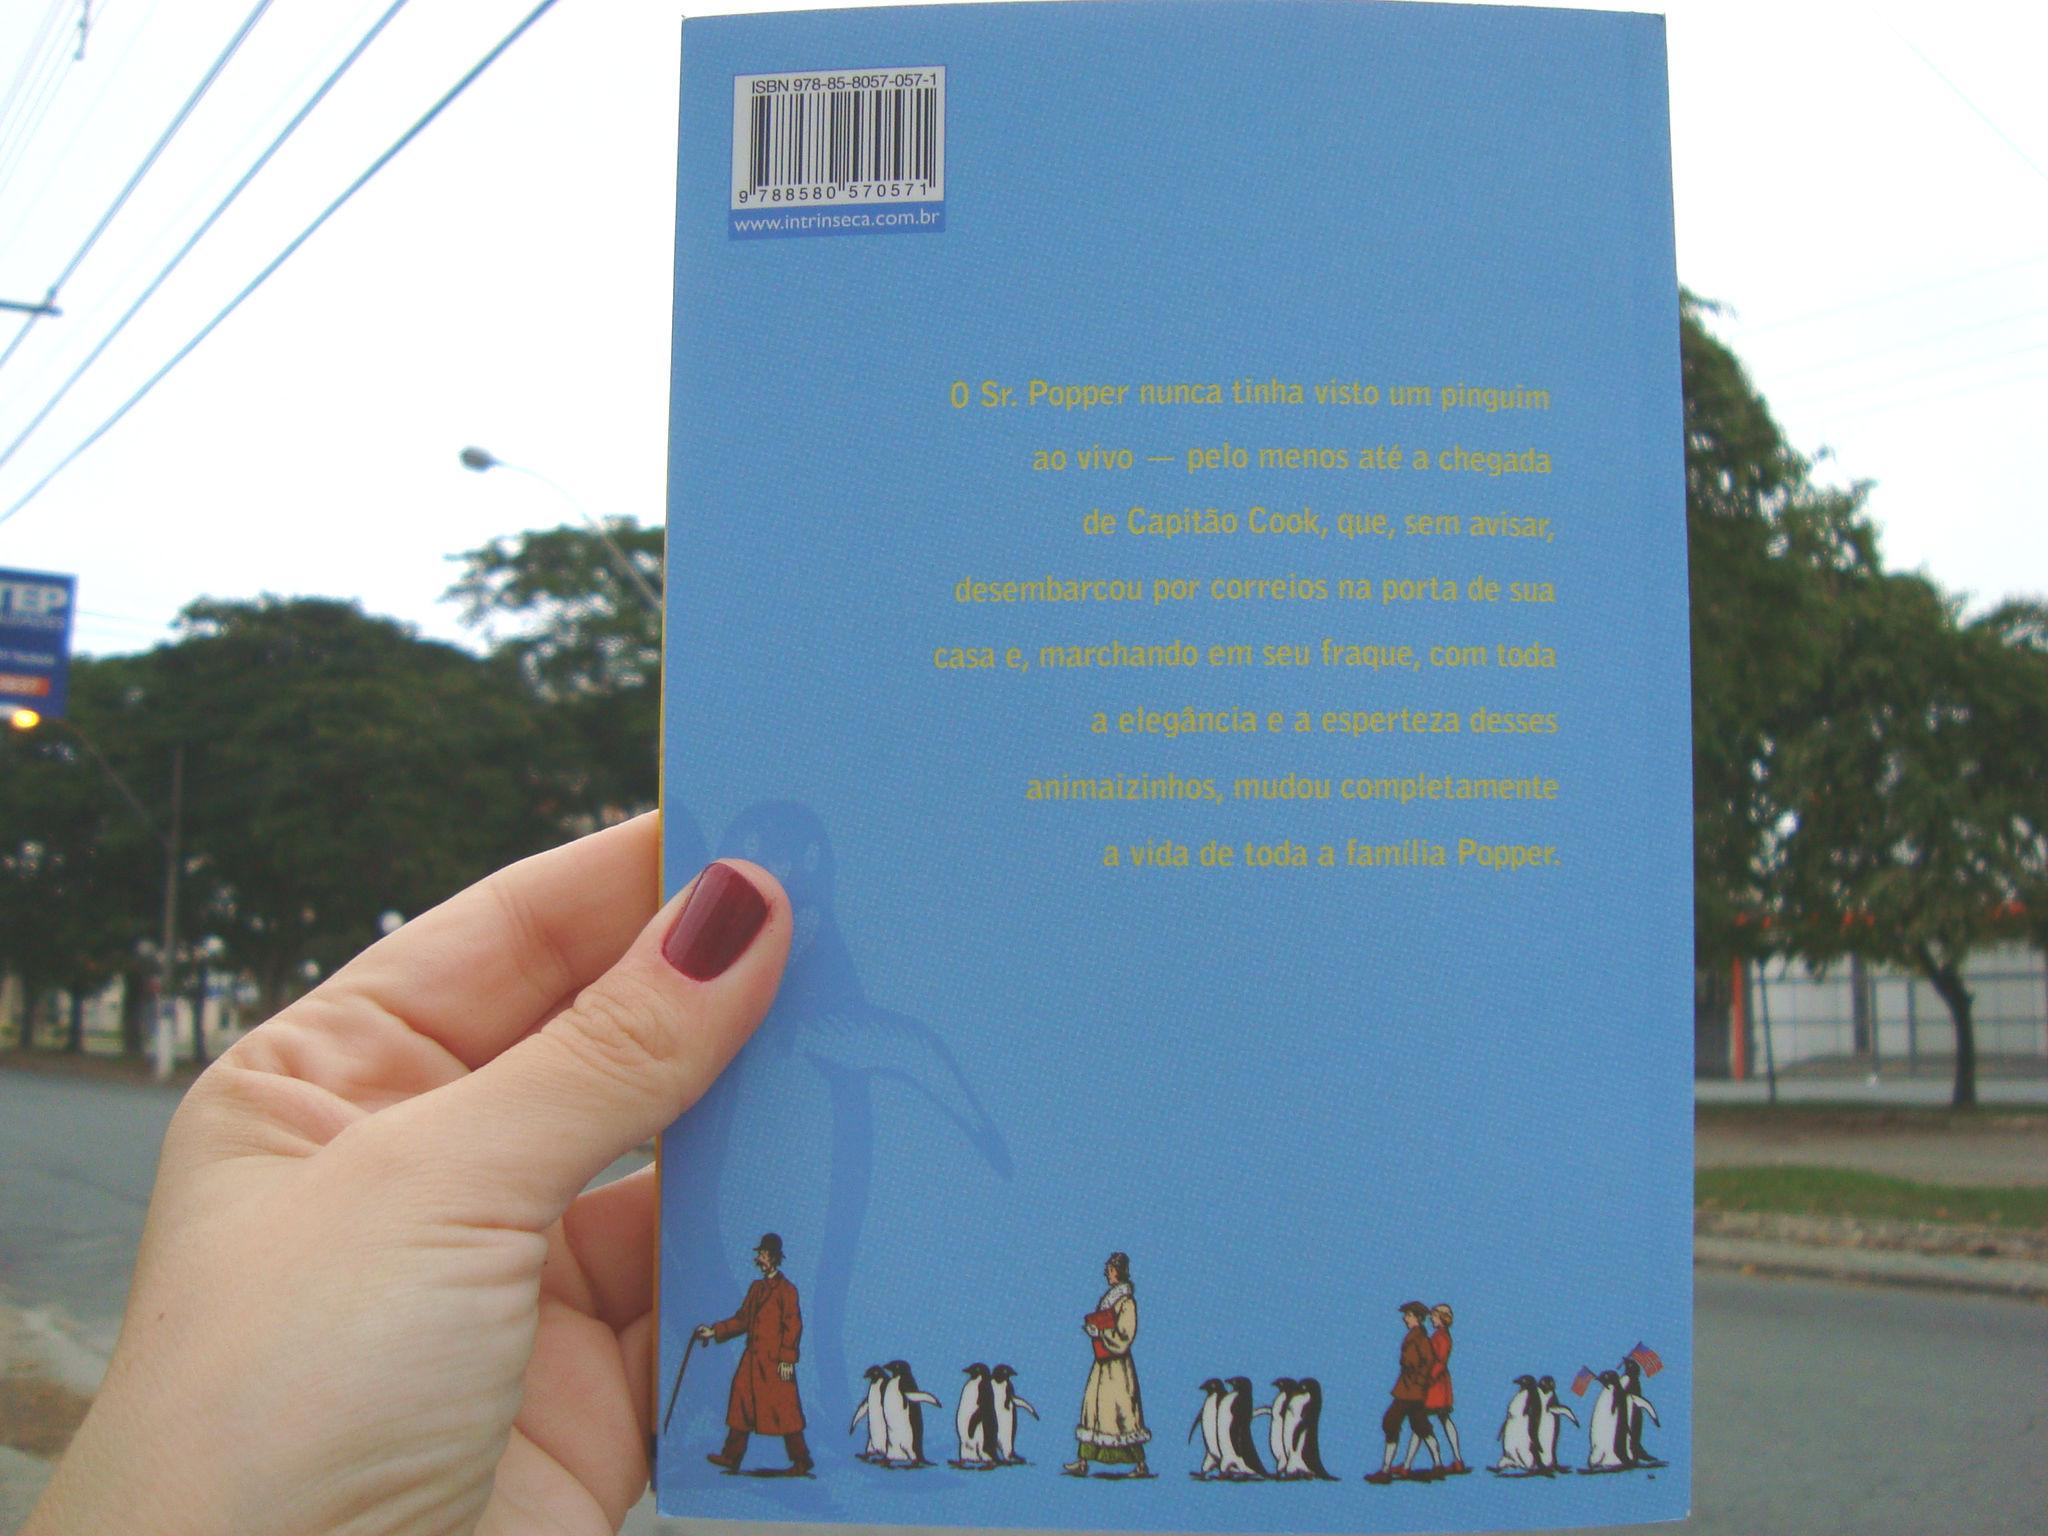 Contra Capa do livro Os pinguins do Sr Popper